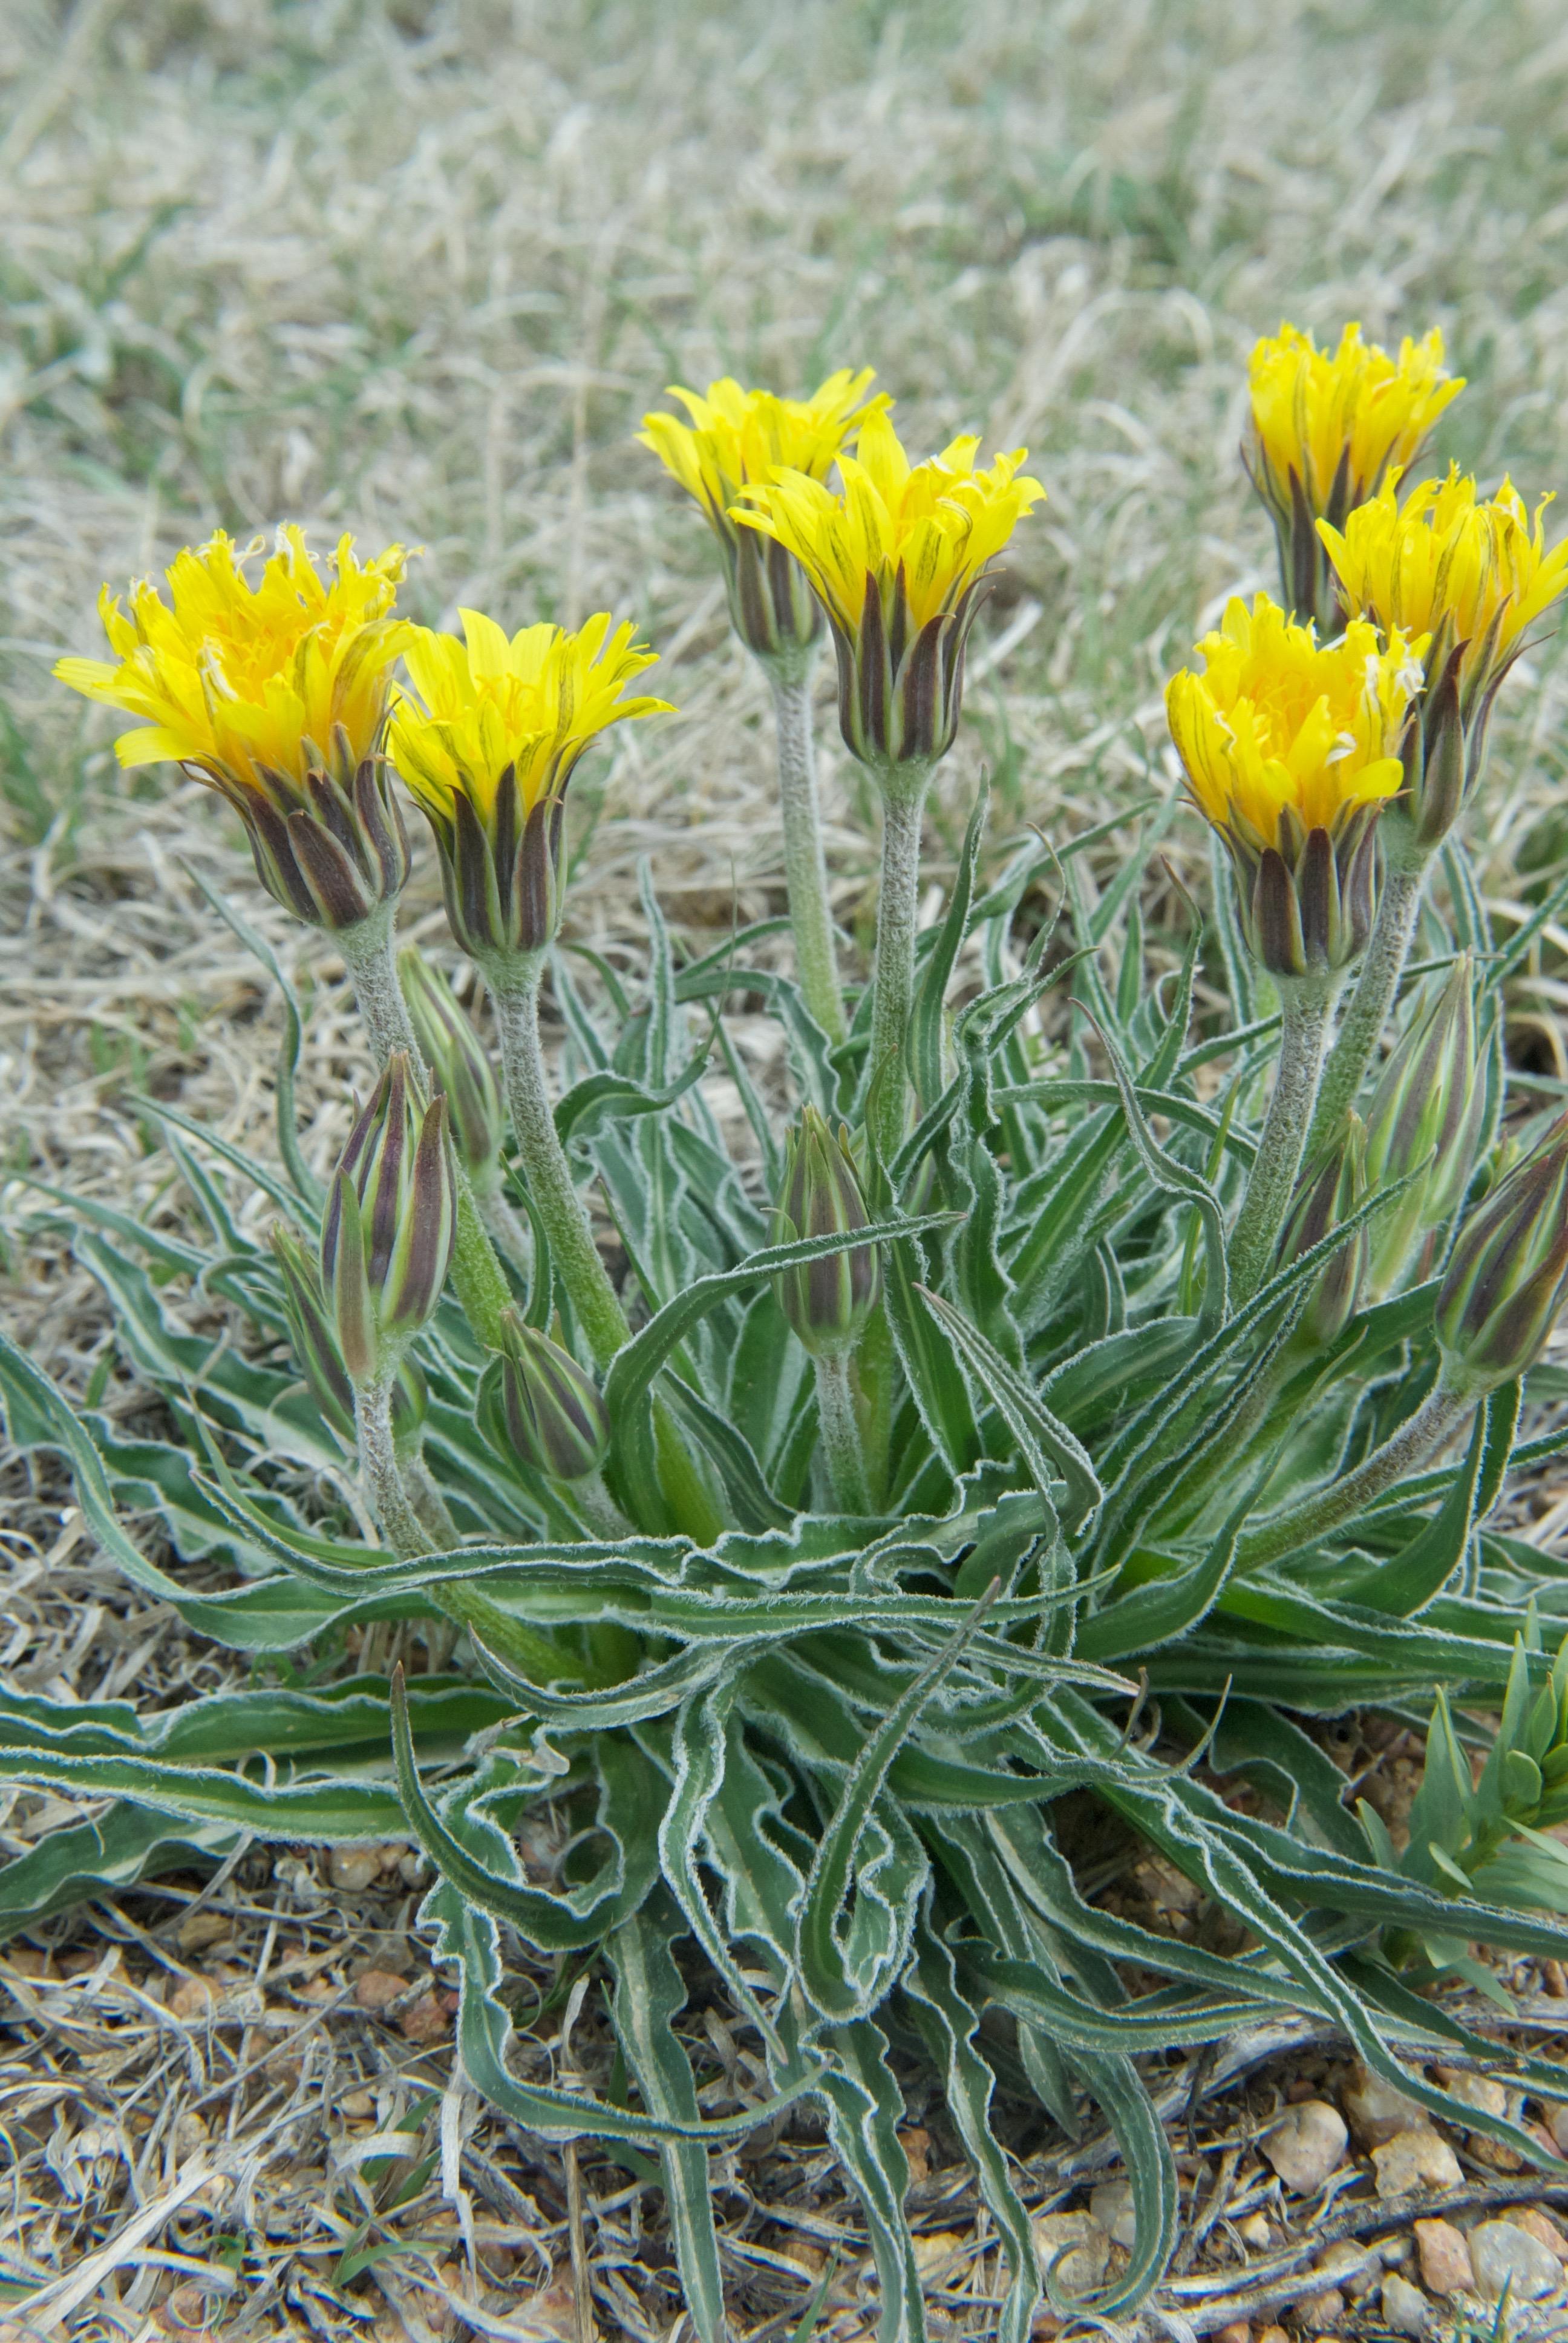 Wavyleaf Dandelion (Nothocalais cuspidata-Asteraceae)